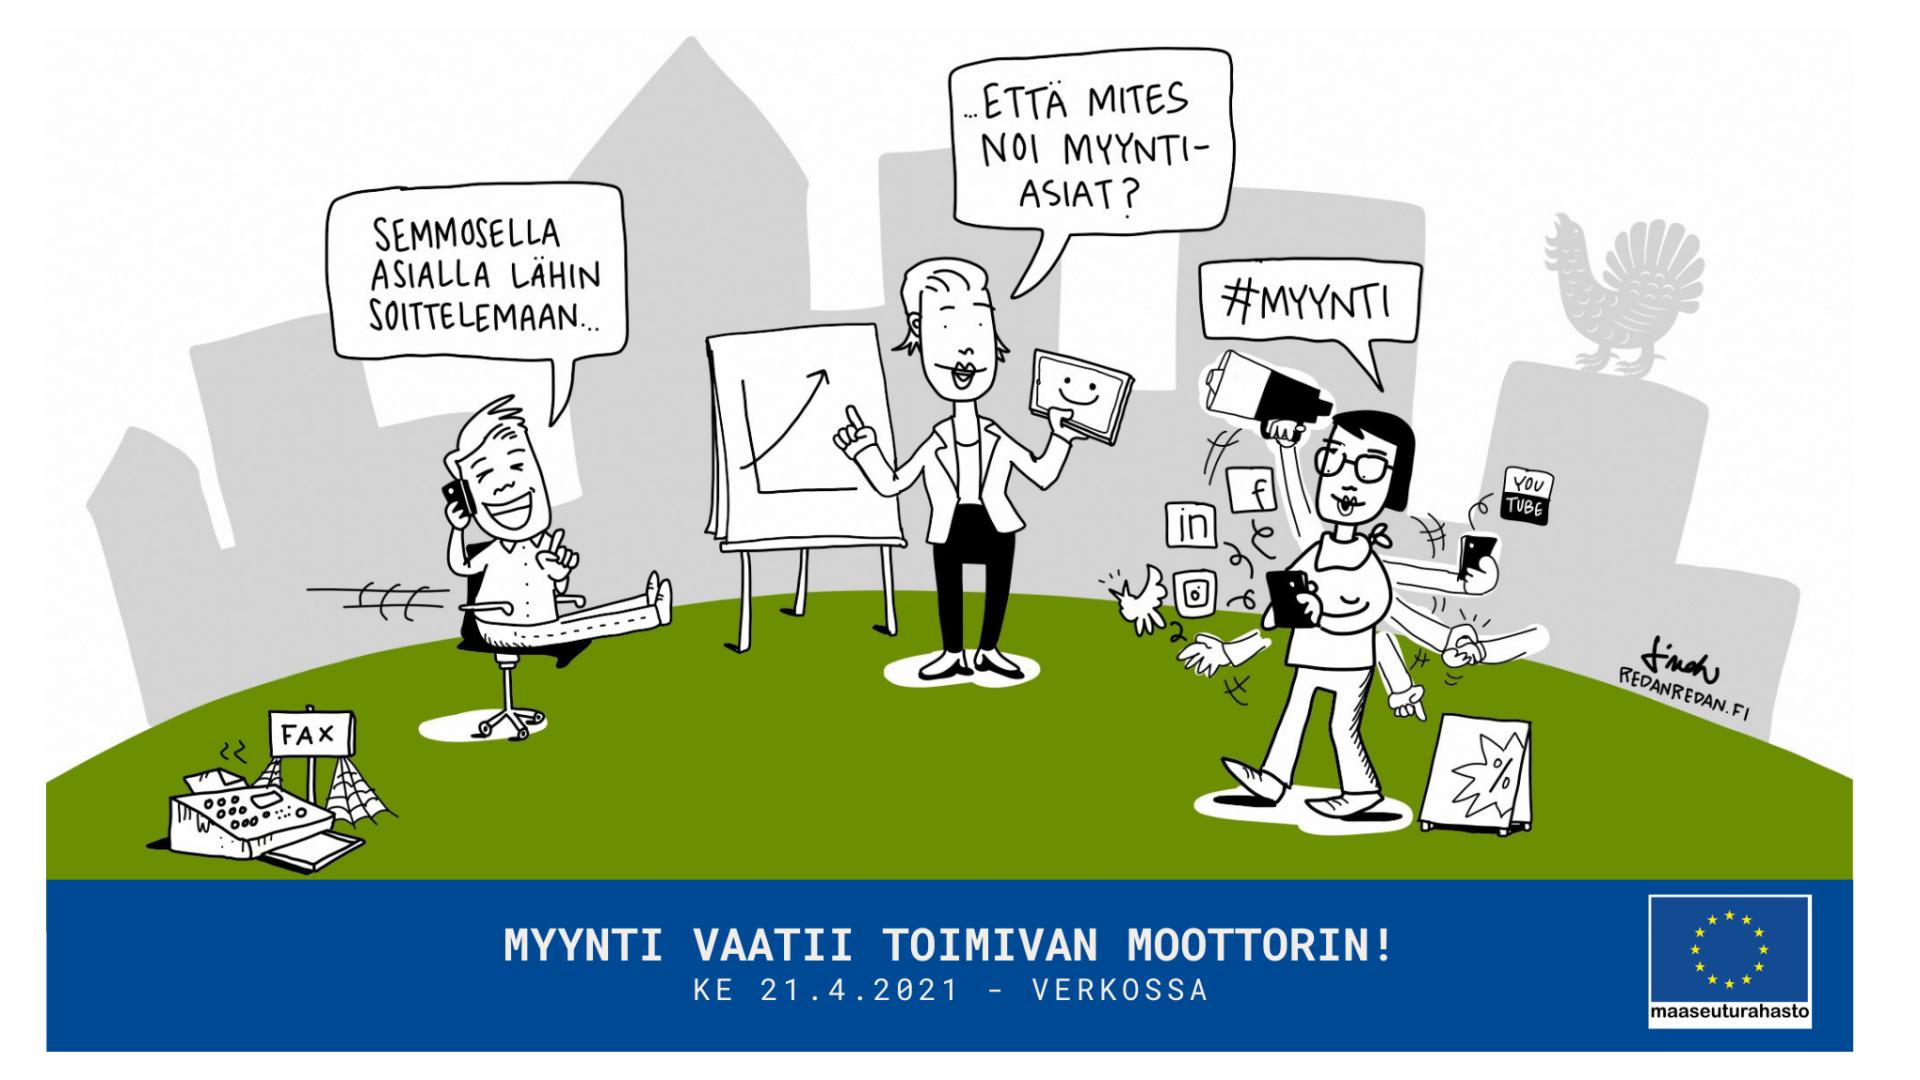 Myyntitreenit-hankkeen Myynti vaatii toimivan moottorin -verkkotilaisuus 21.4.2021, Suomen Yrittäjäopisto.